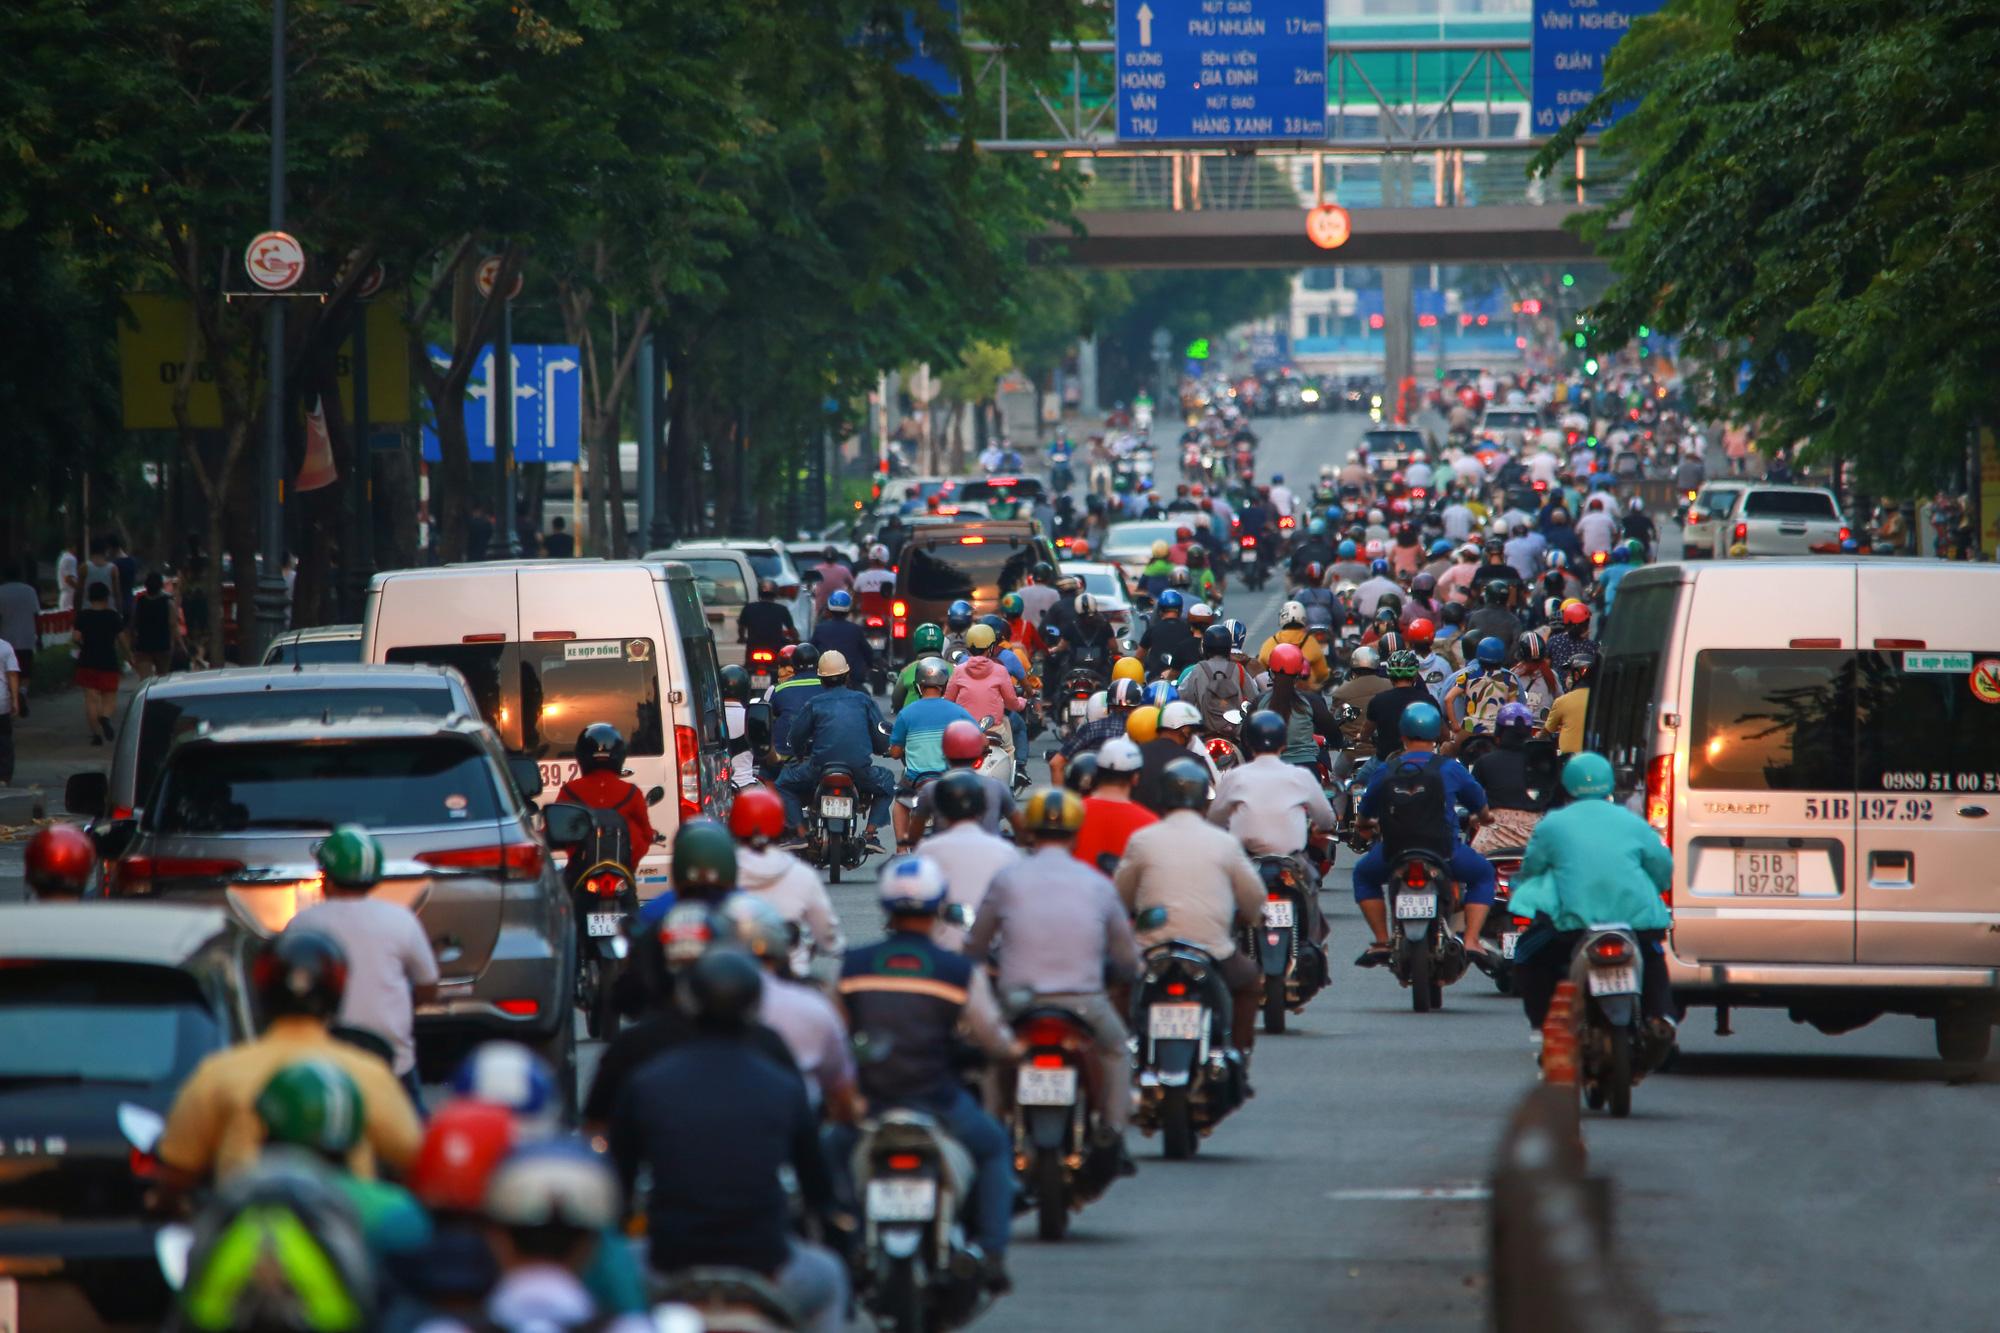 Sài Gòn đông đúc khi sắp kết thúc đợt cách ly toàn xã hội 14 ngày - Ảnh 2.